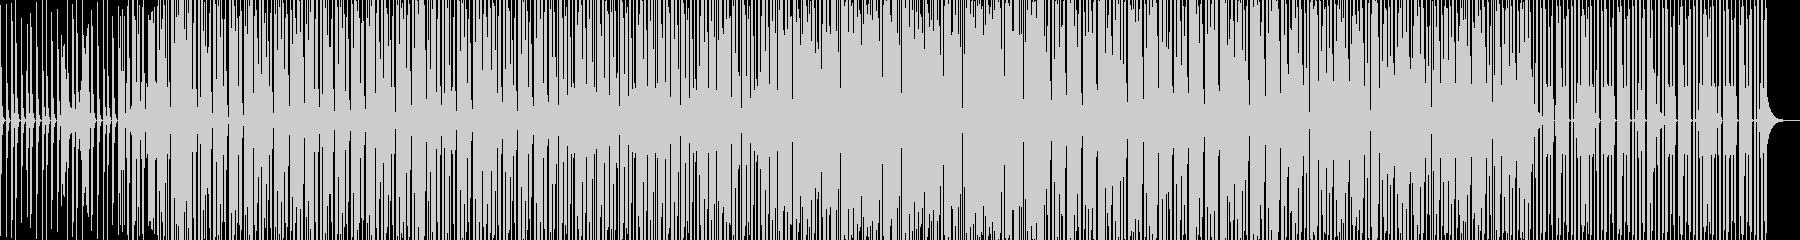 ノリが良いテクノです。戦闘音楽や、シュ…の未再生の波形